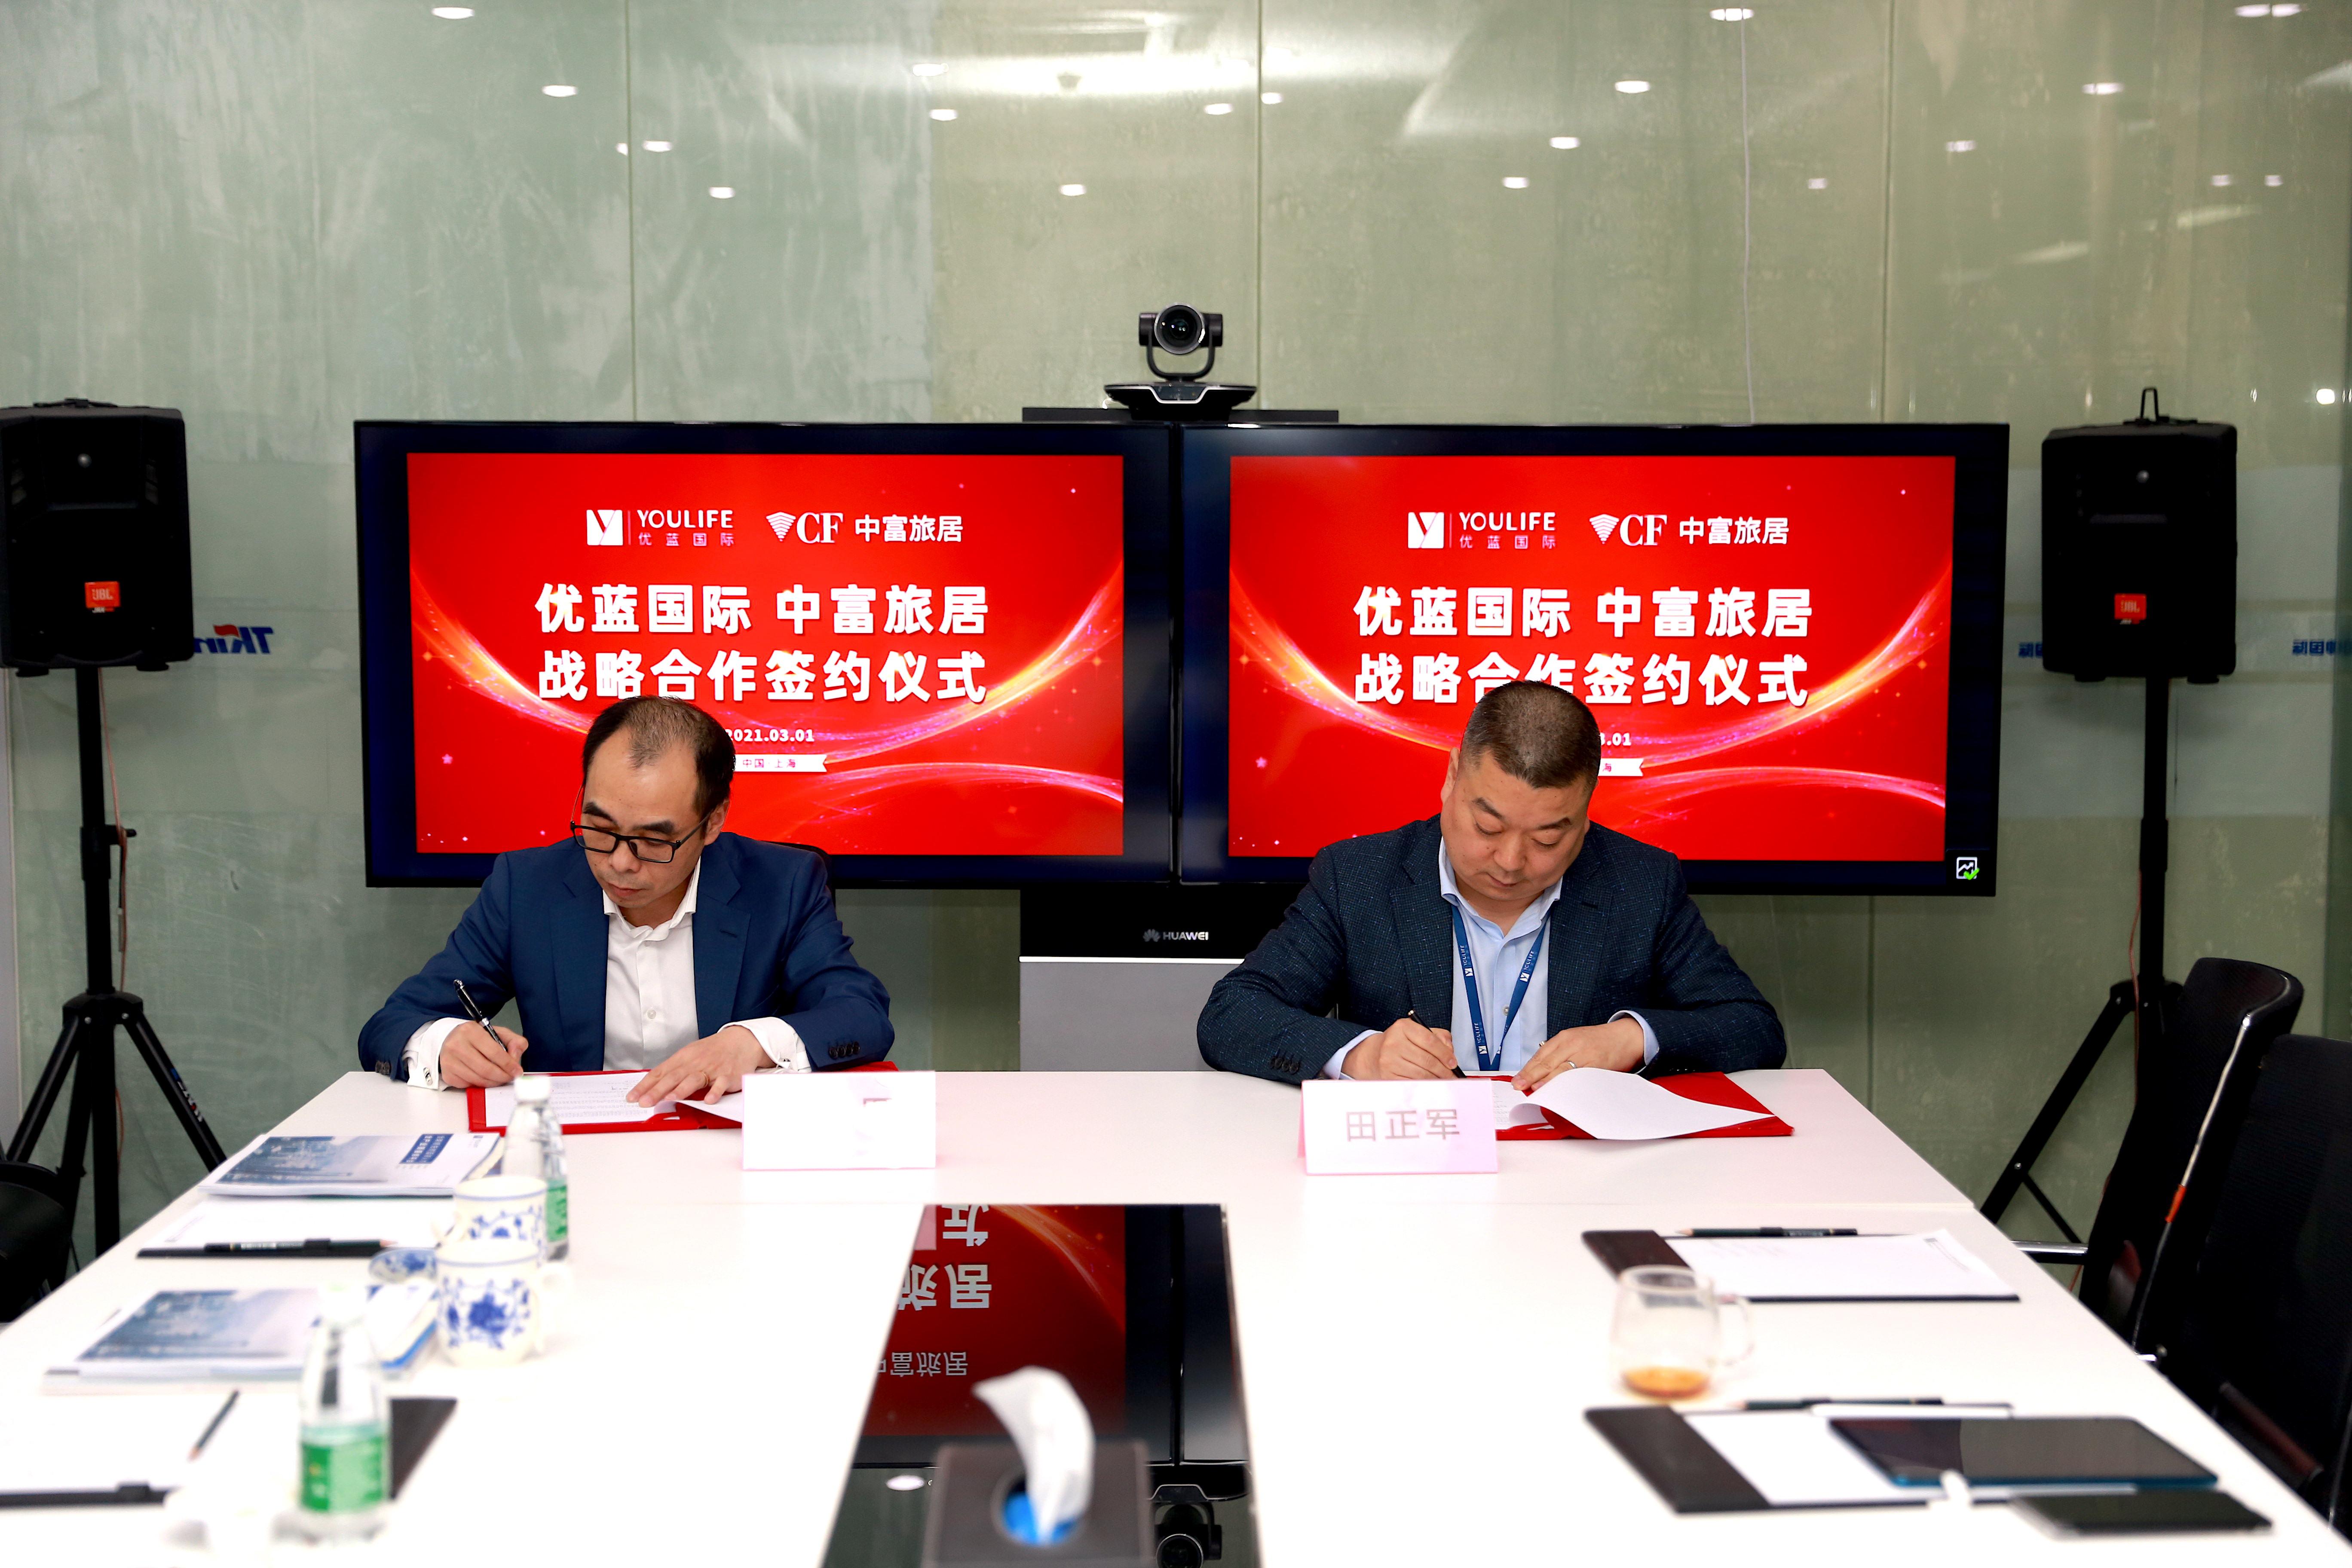 优蓝国际与中富旅居签订战略合作协议 ,深度共建蓝领人才服务生态